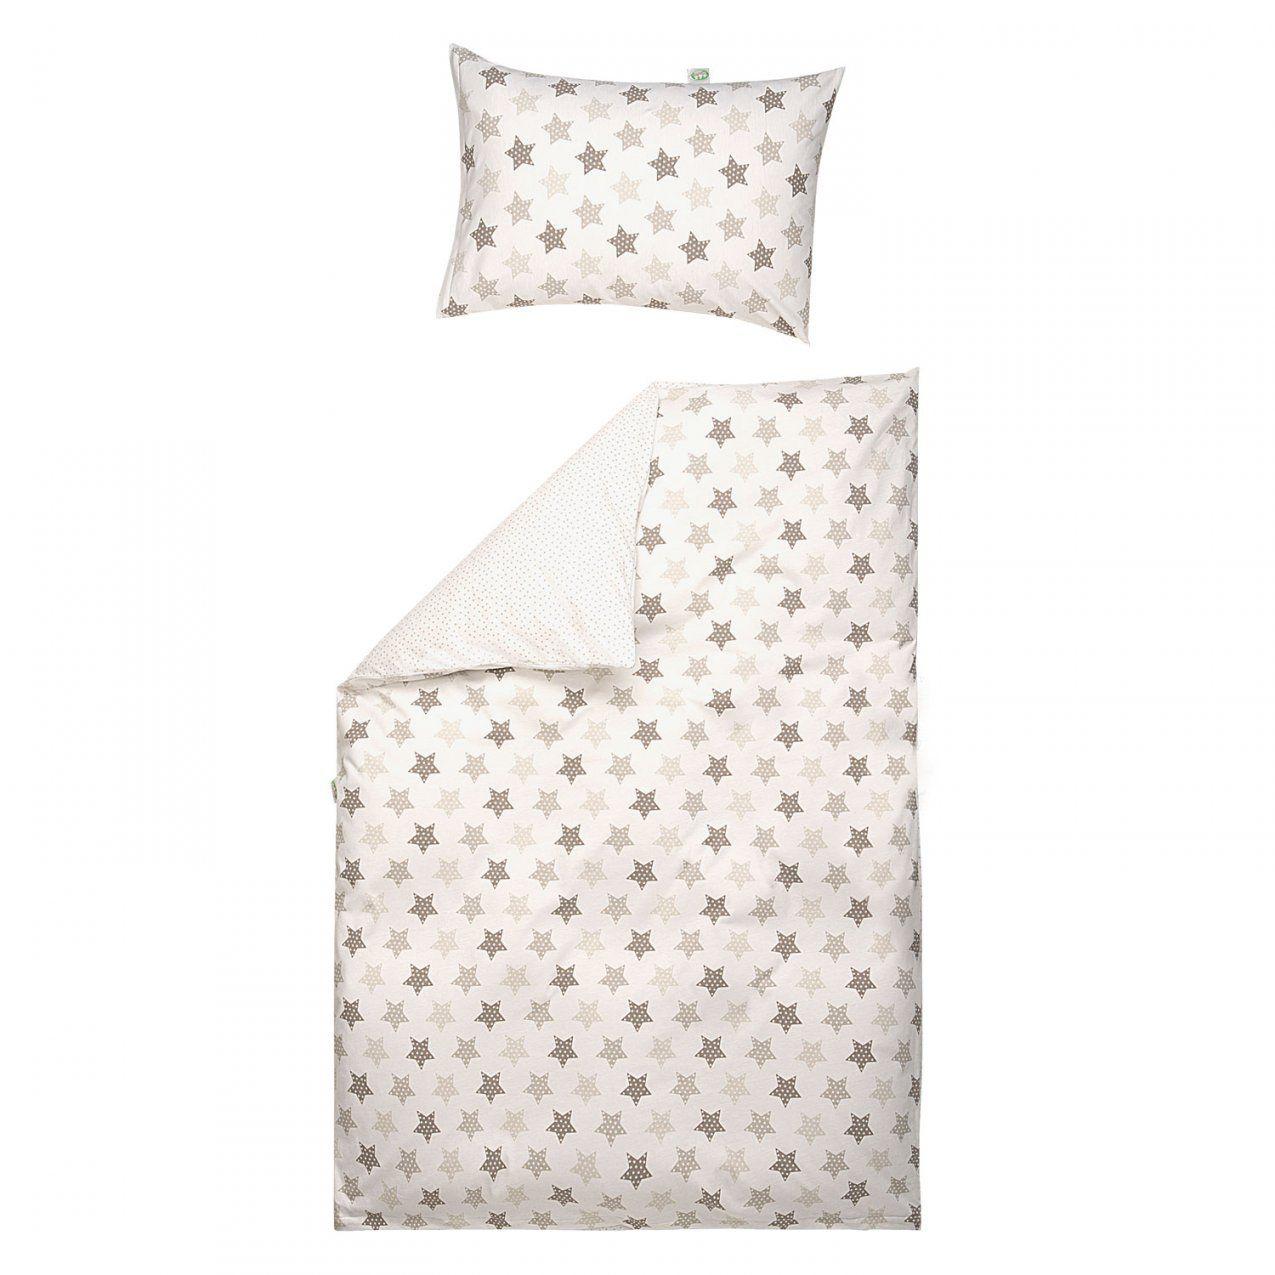 Odenwälder Bettwäsche 100X135 Cm Jersey Sternetupfen Latte  Babyjoech von Bettwäsche 100X135 Sterne Bild